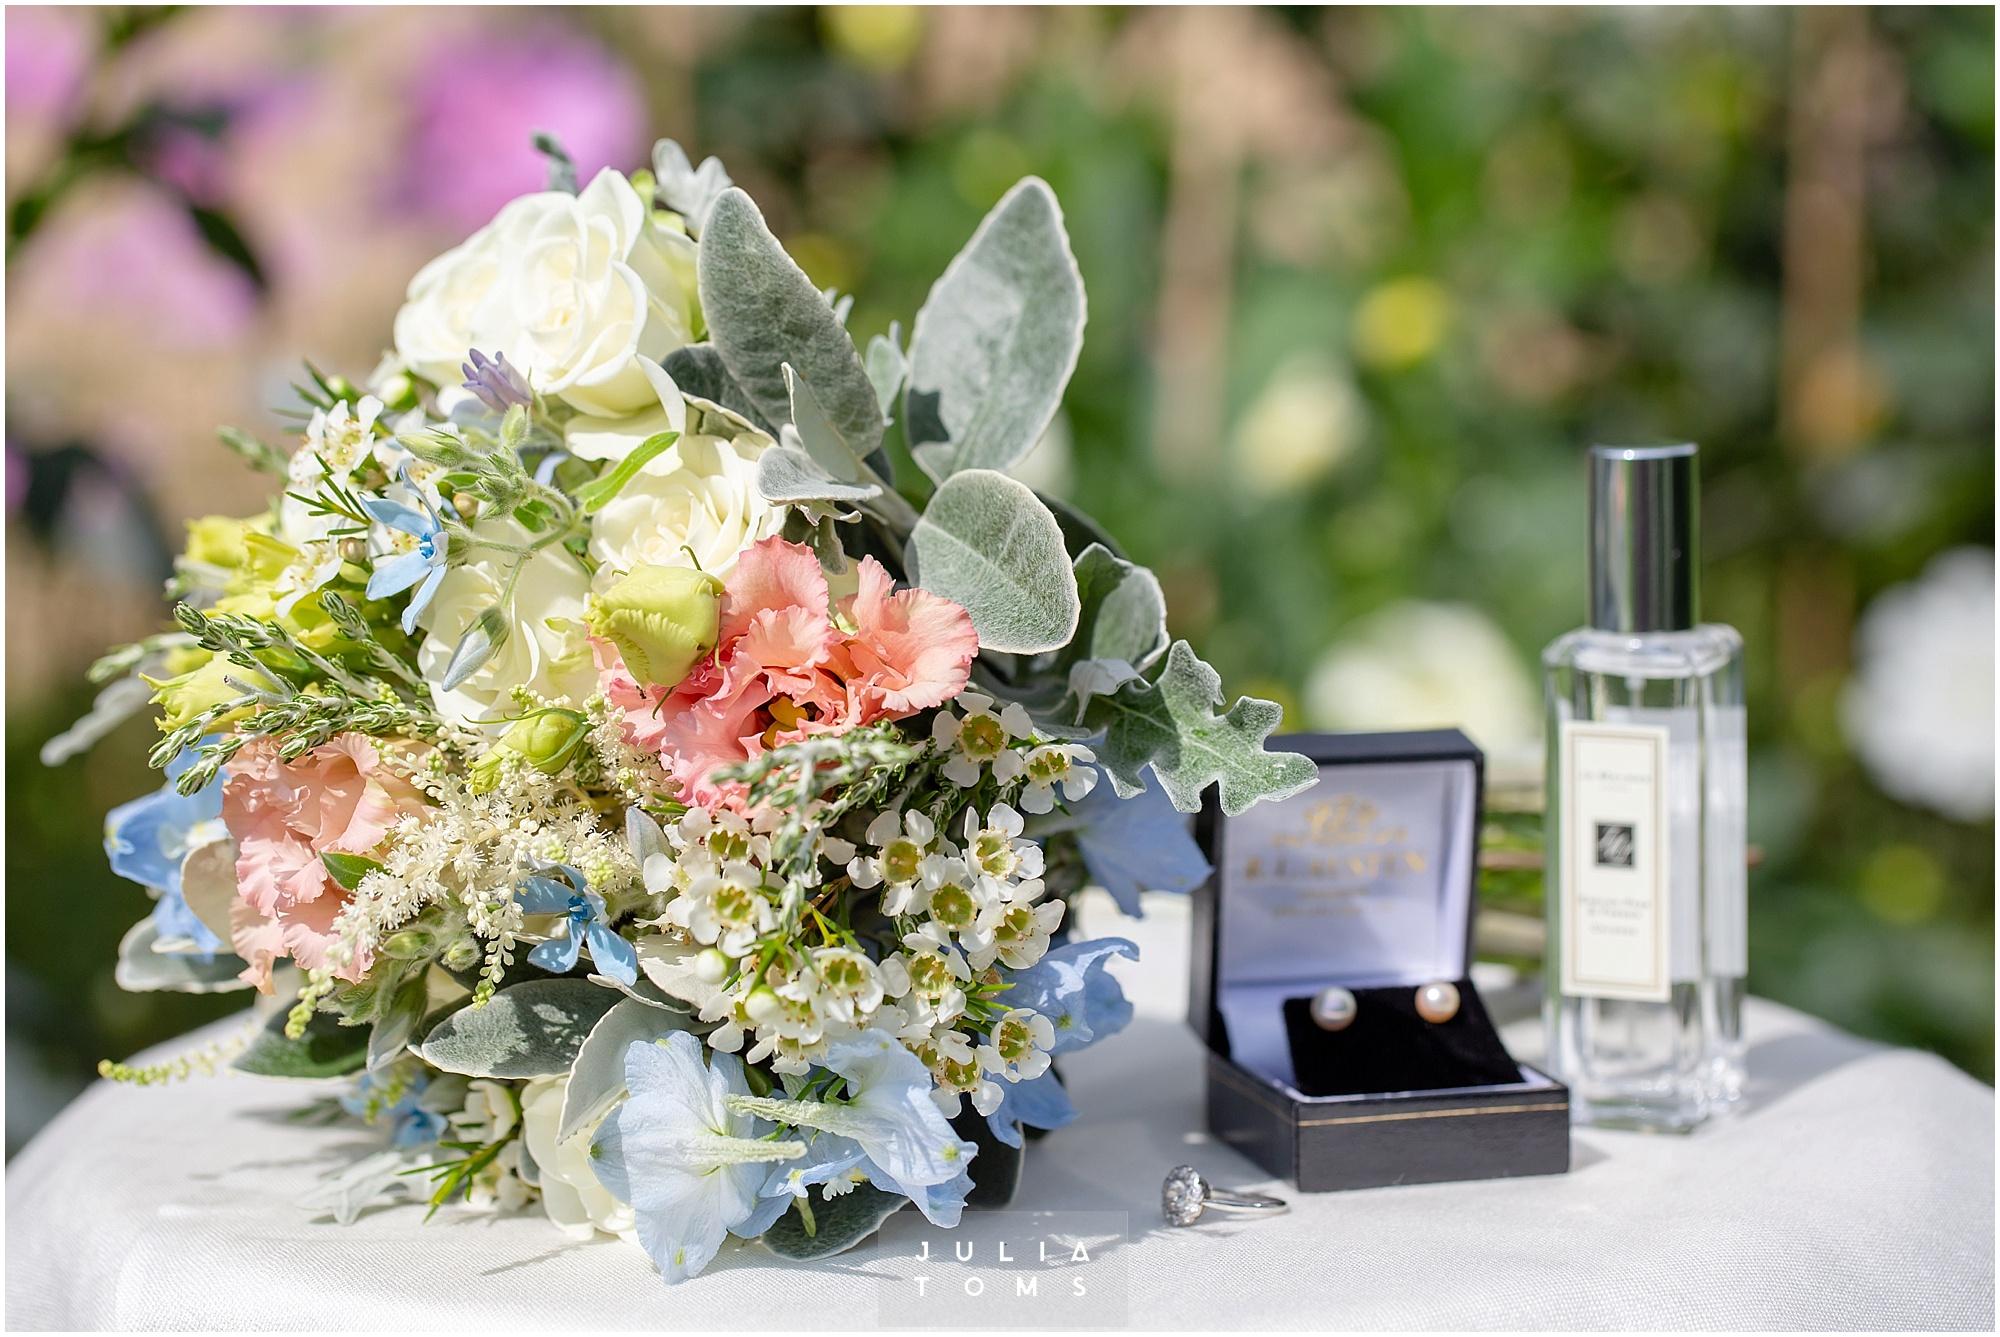 westsussex_wedding_photographer_westdean_008.jpg